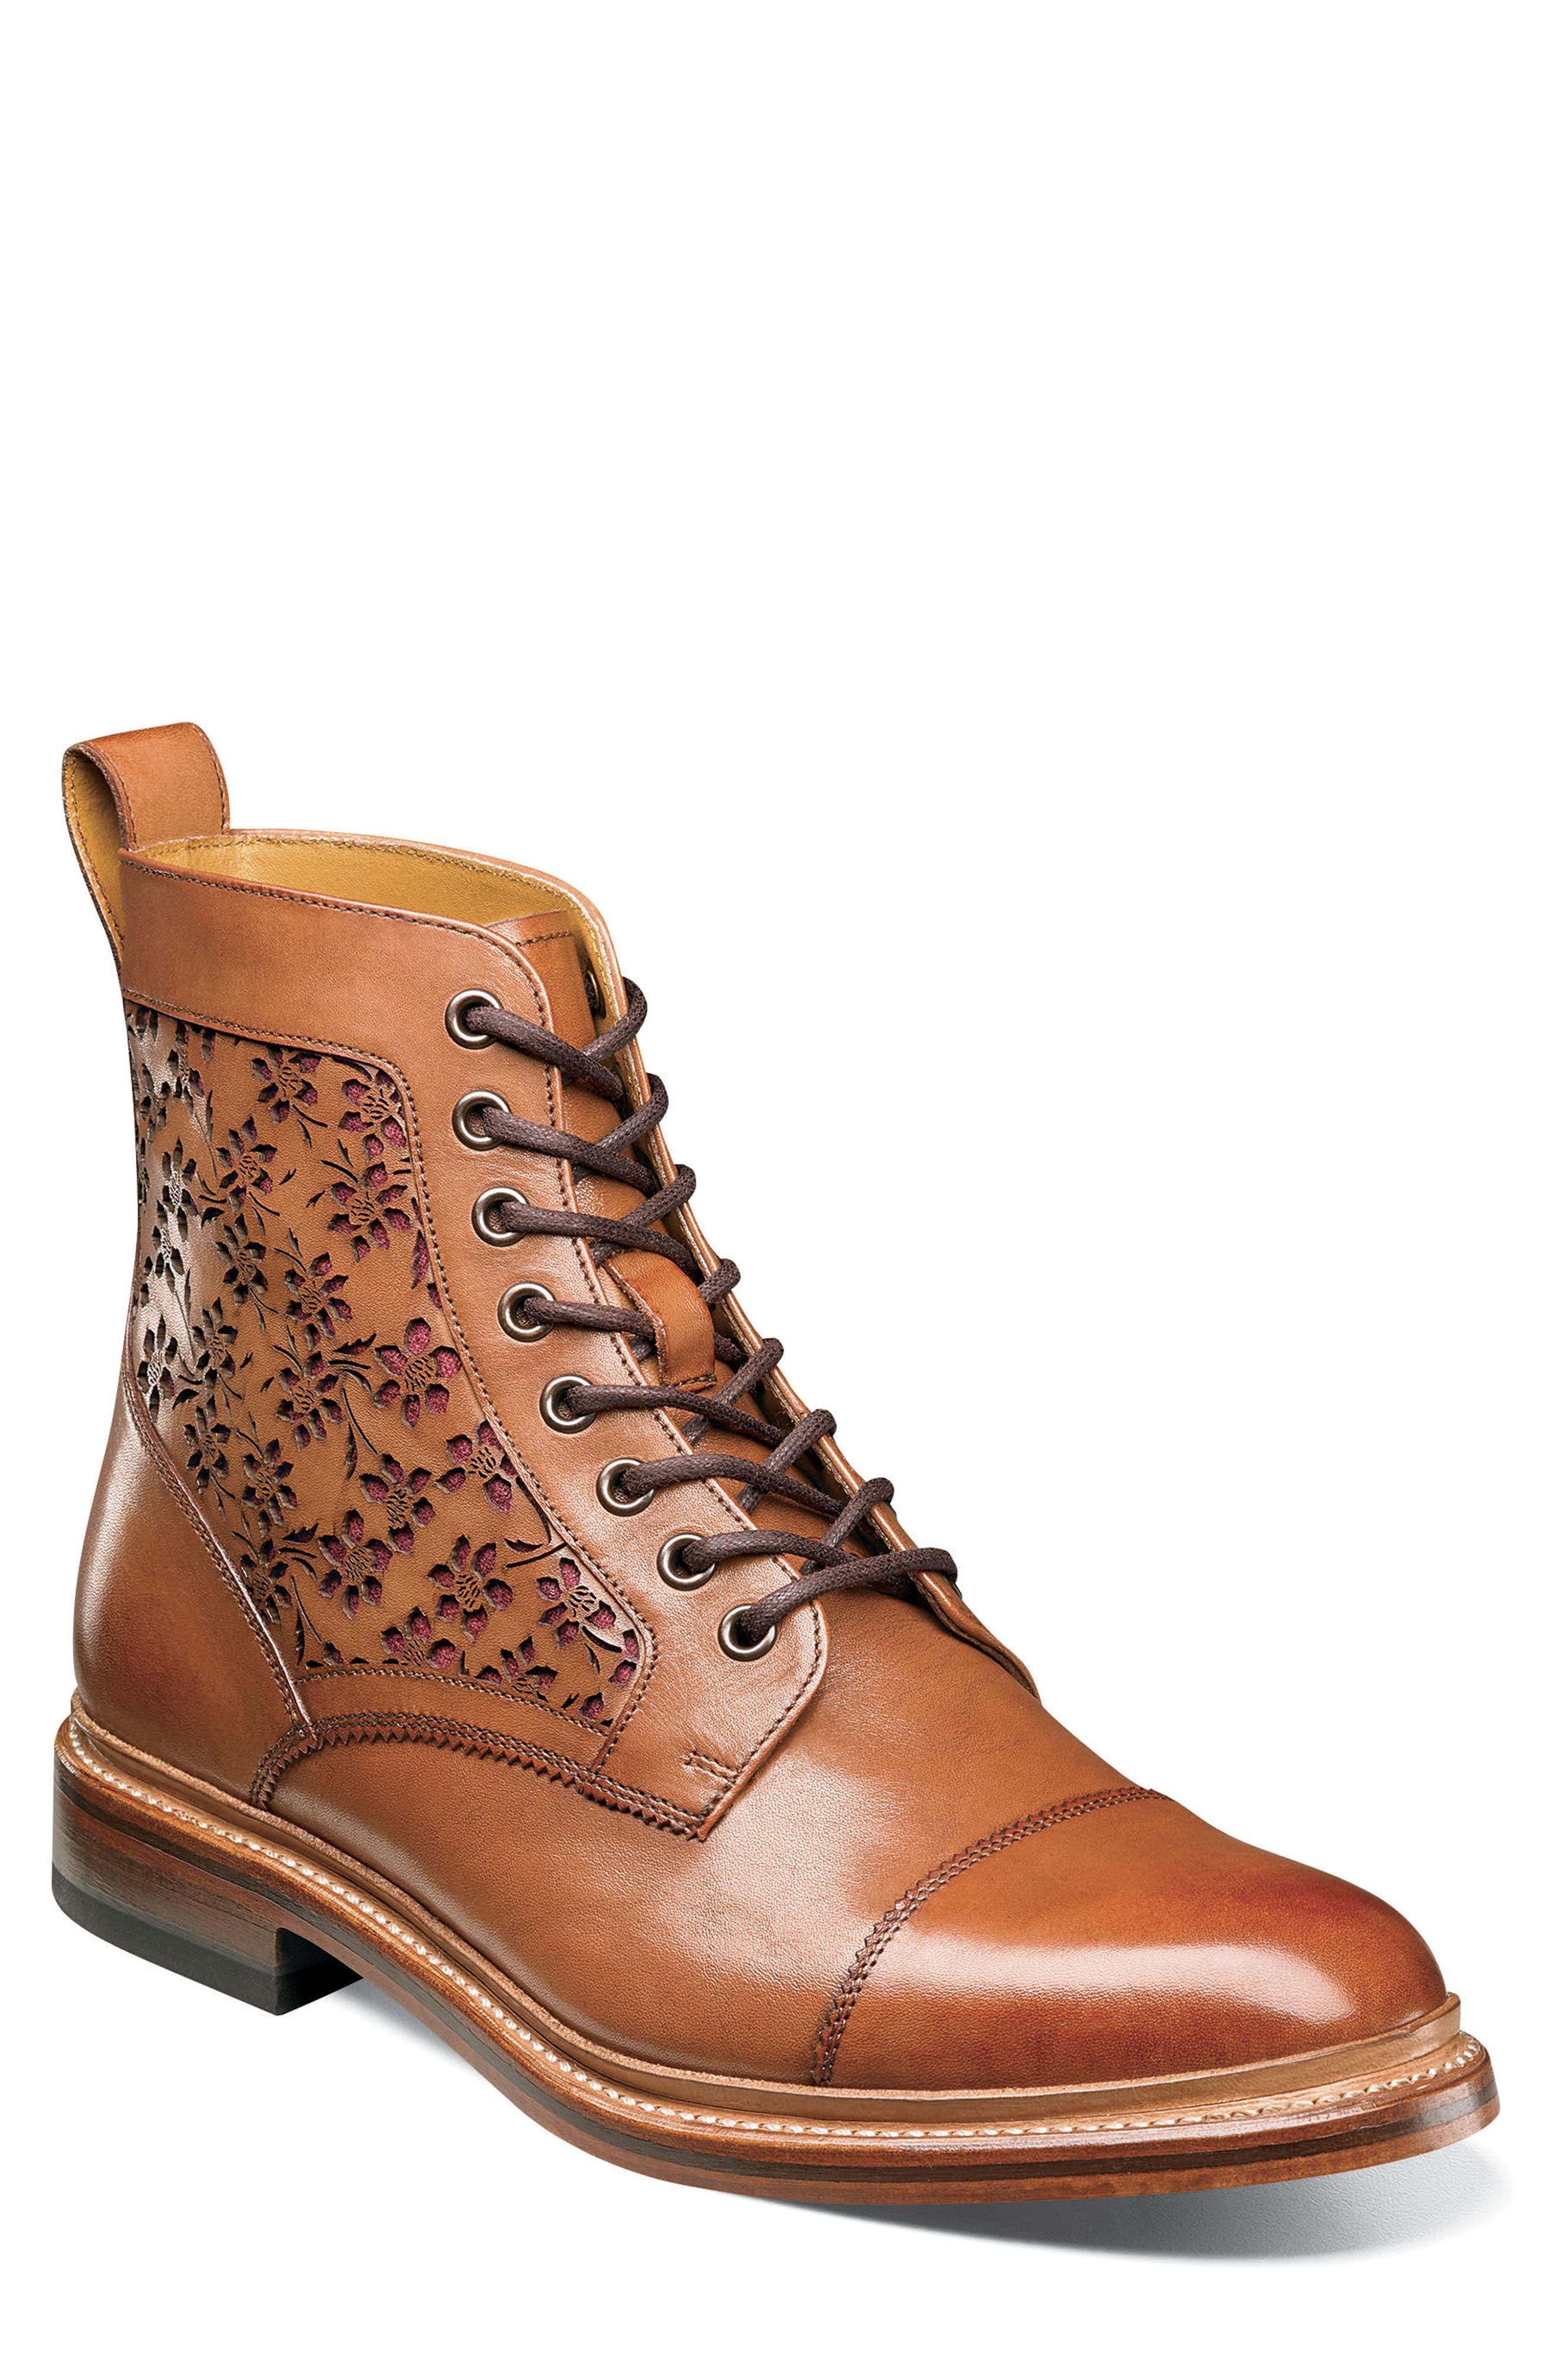 M2 Laser Cut Boot,                             Main thumbnail 1, color,                             Cognac Leather